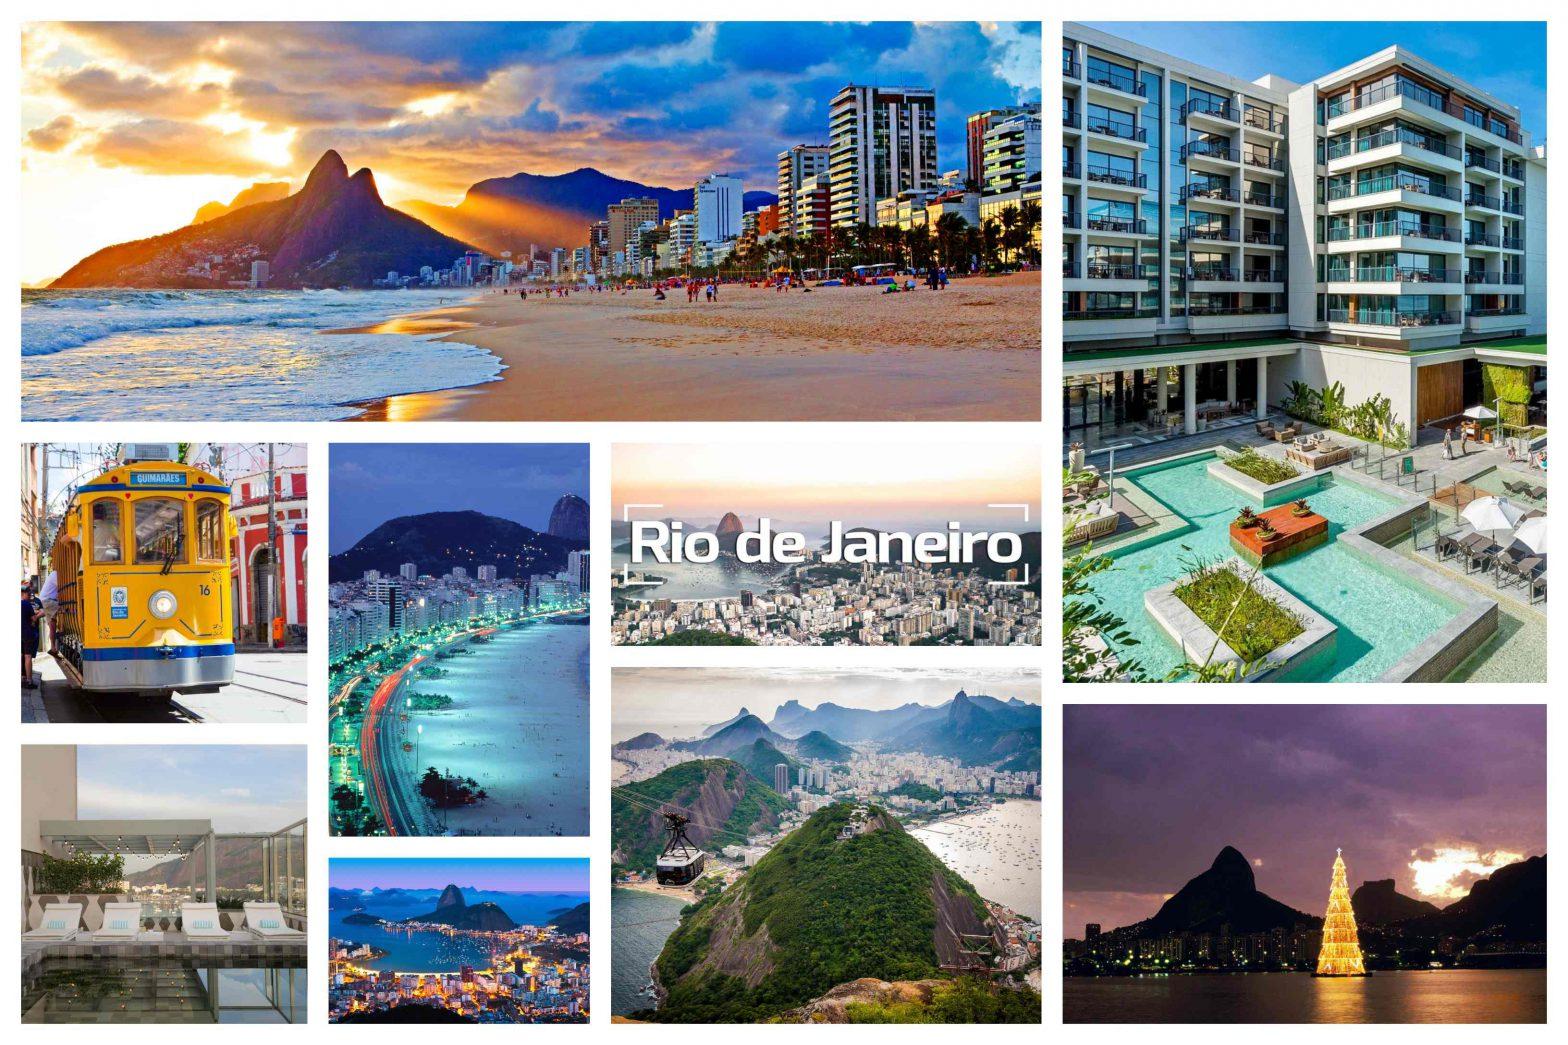 Faremantra-Rio